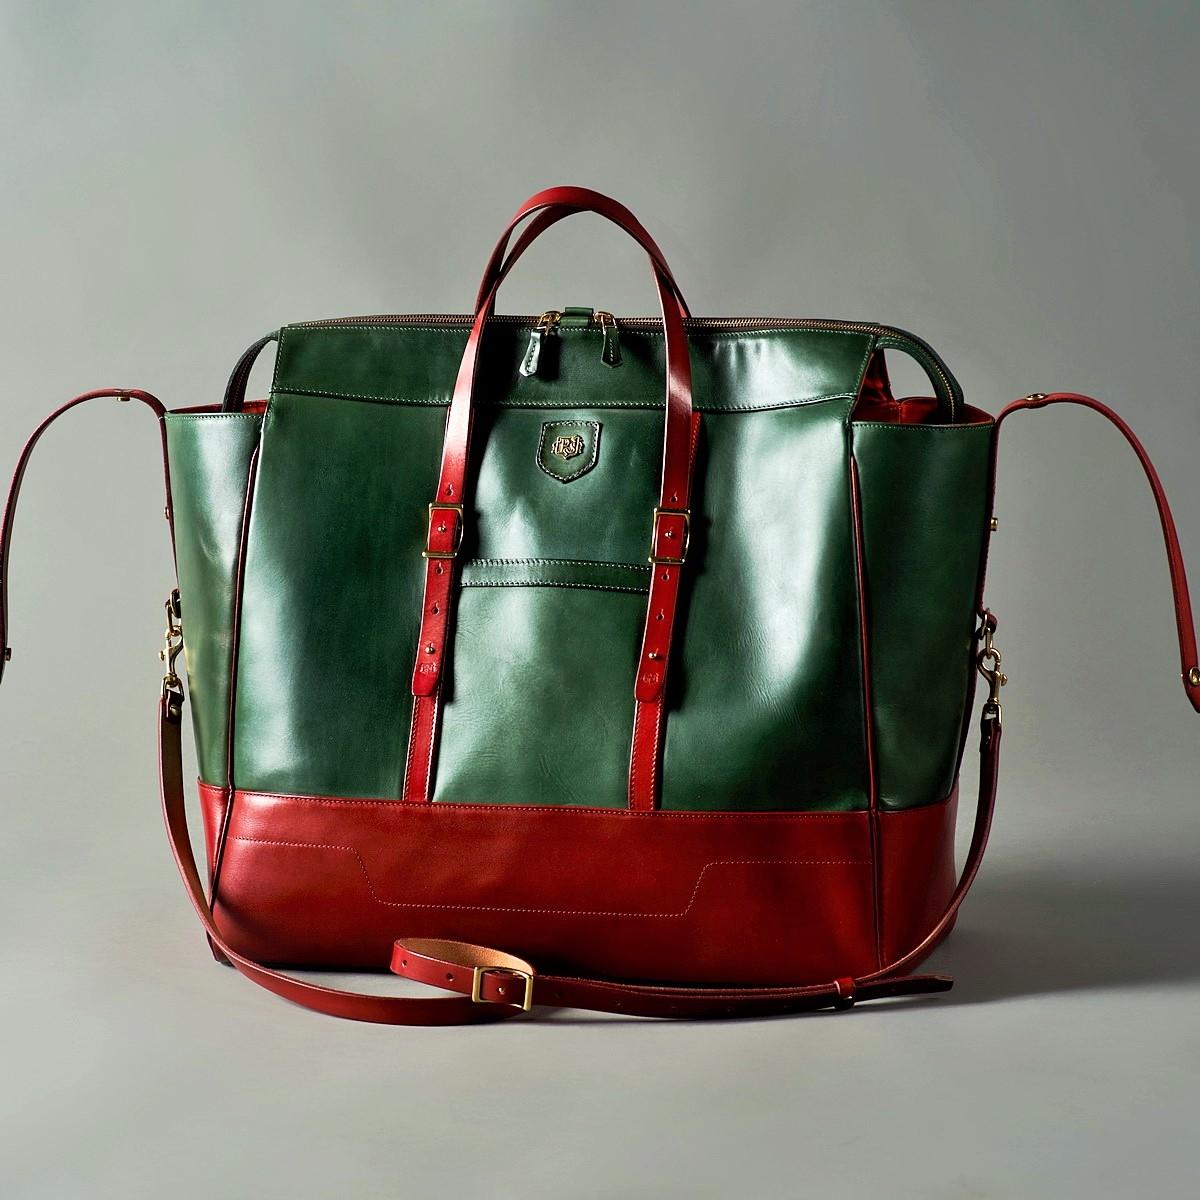 дорожная сумка weekender красная смородина & зеленый травяной